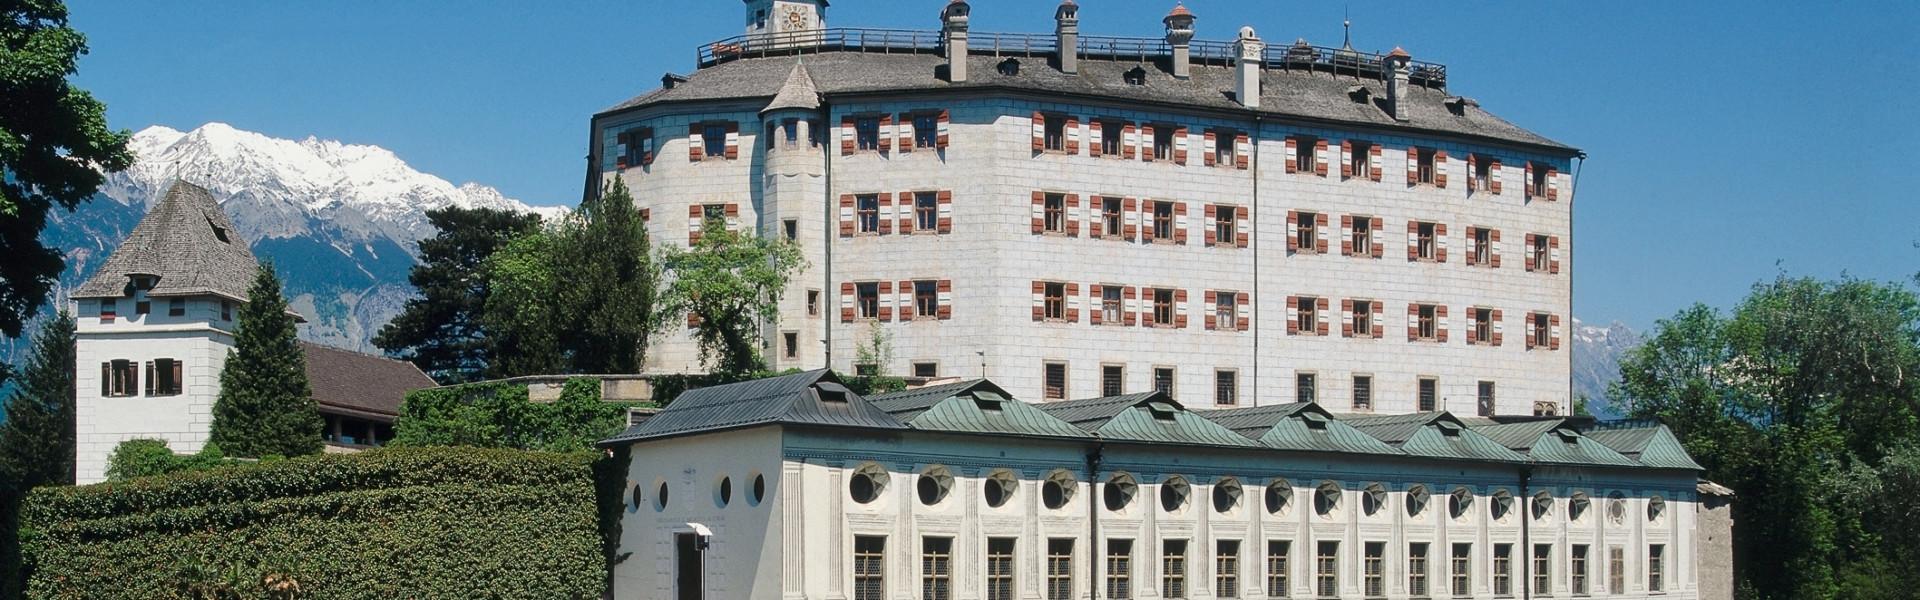 Schloss Ambras Innsbruck © KHM-Museumsverband